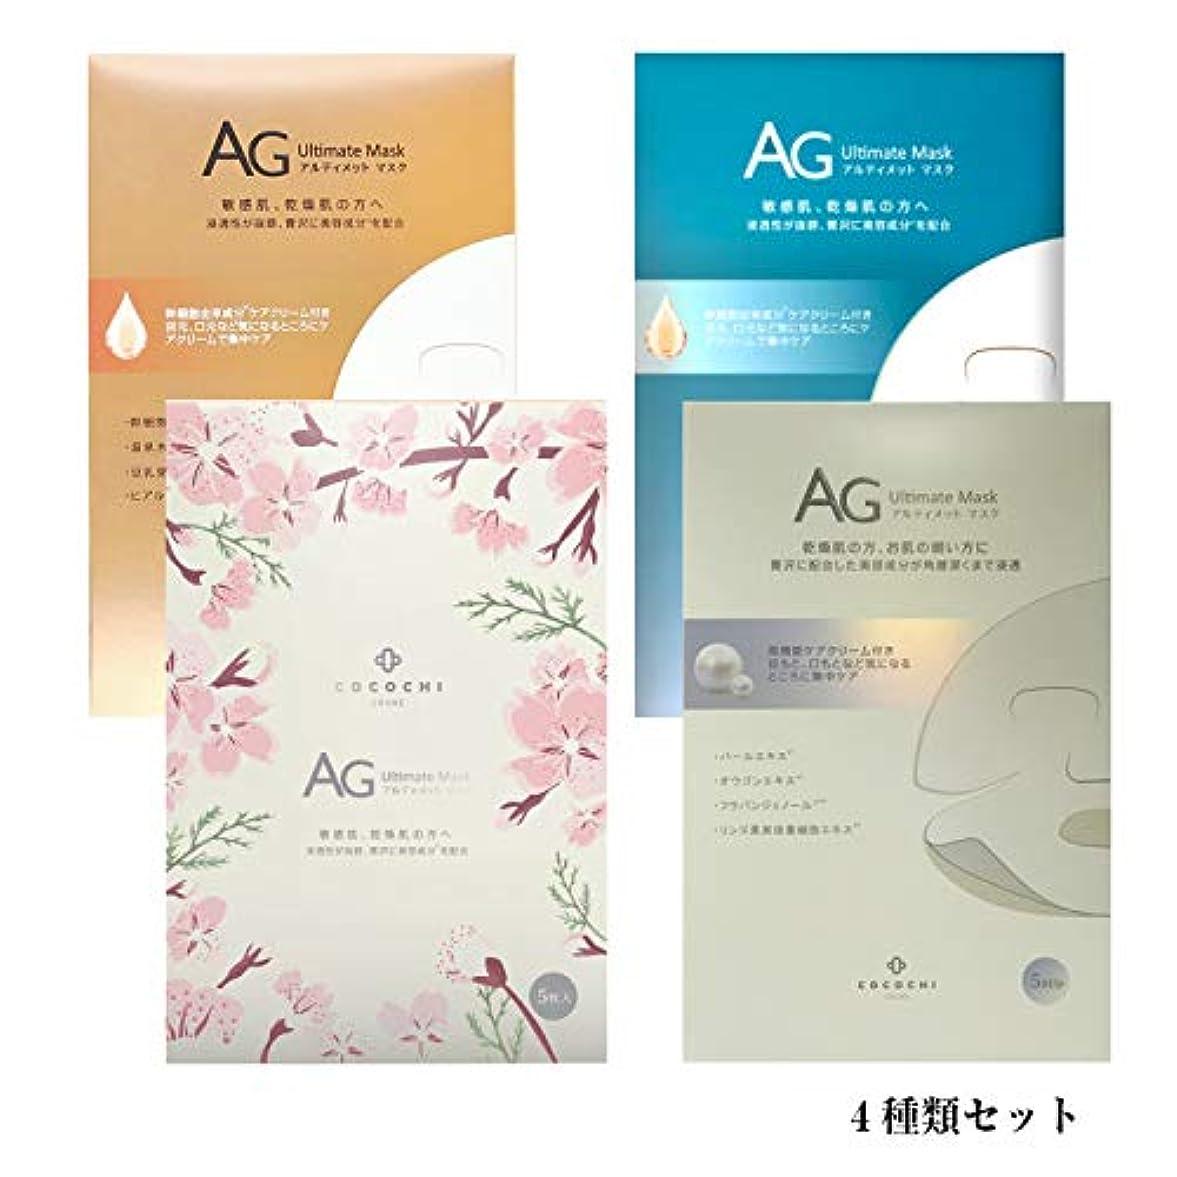 かなりインシデントフラグラントAGアルティメットマスク 4種類セット AG アルティメットマスク/オーシャンマスク/さくら/アコヤ真珠マスク